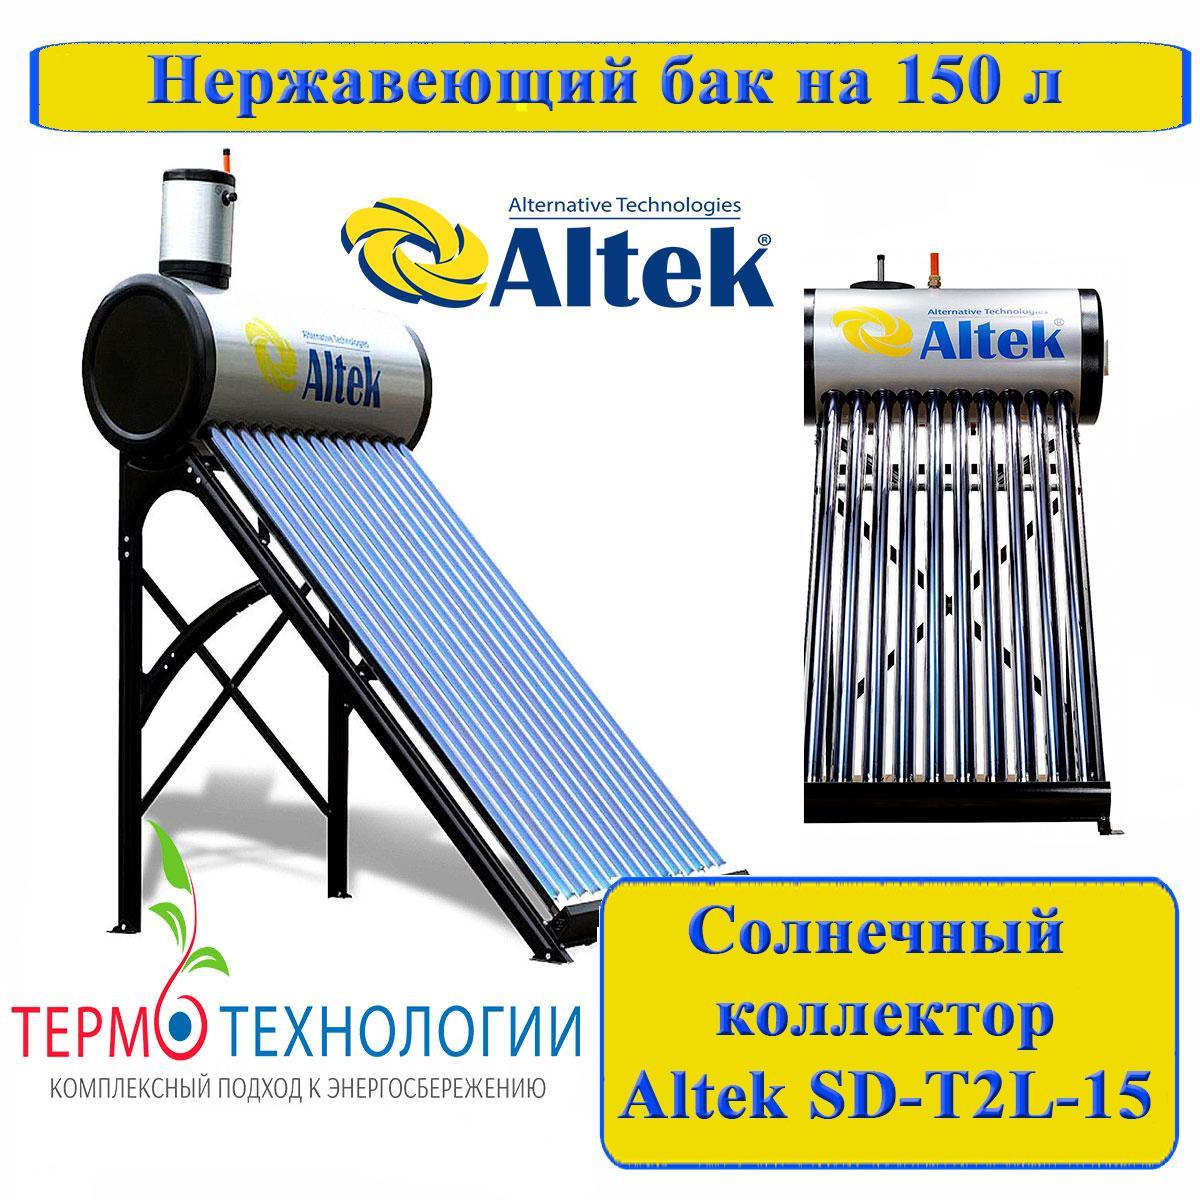 Сезонный солнечный коллектор Altek SD-T2L-15. Бак из нержавеющей стали